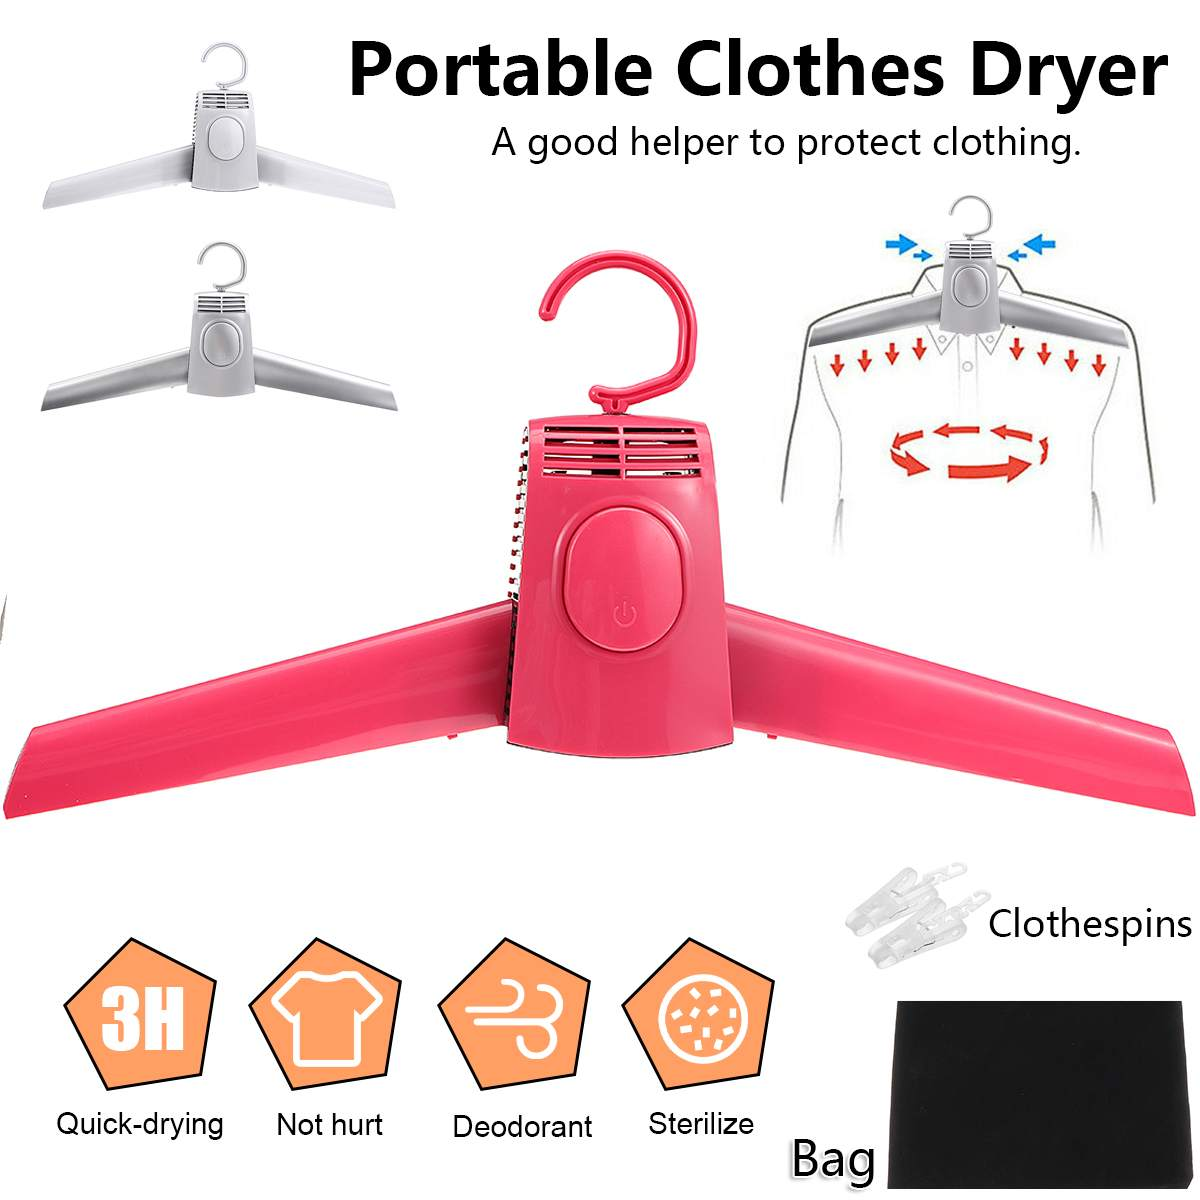 Электрическая сушилка для одежды, умная подвесная сушилка для одежды, портативная уличная дорожная Складная мини-сушилка для одежды, обуви